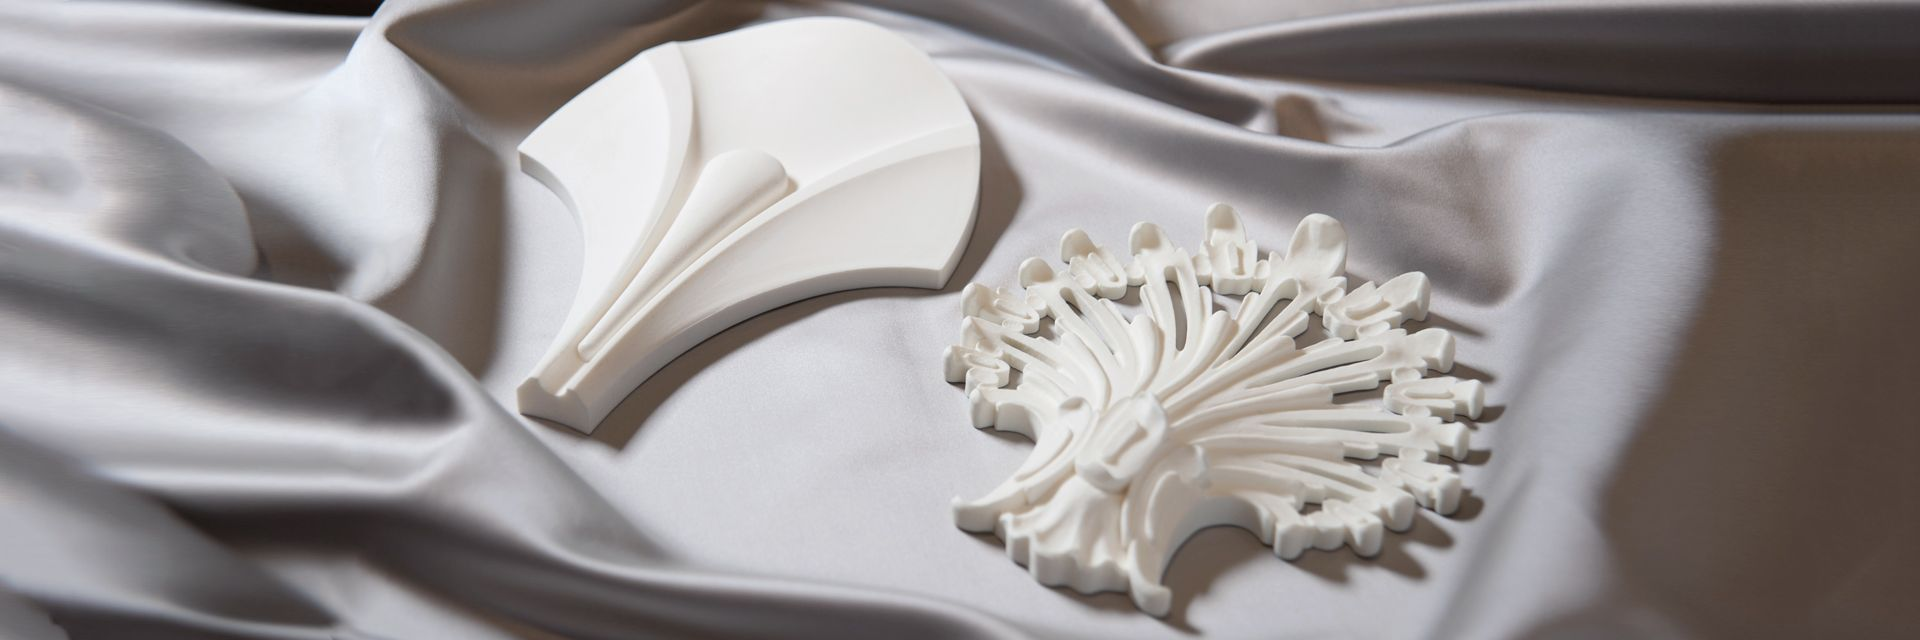 Лепной декор Rodecor из полимерного гипса сочетают современные инновации, историческое наследие и модные интерьерные тренды.